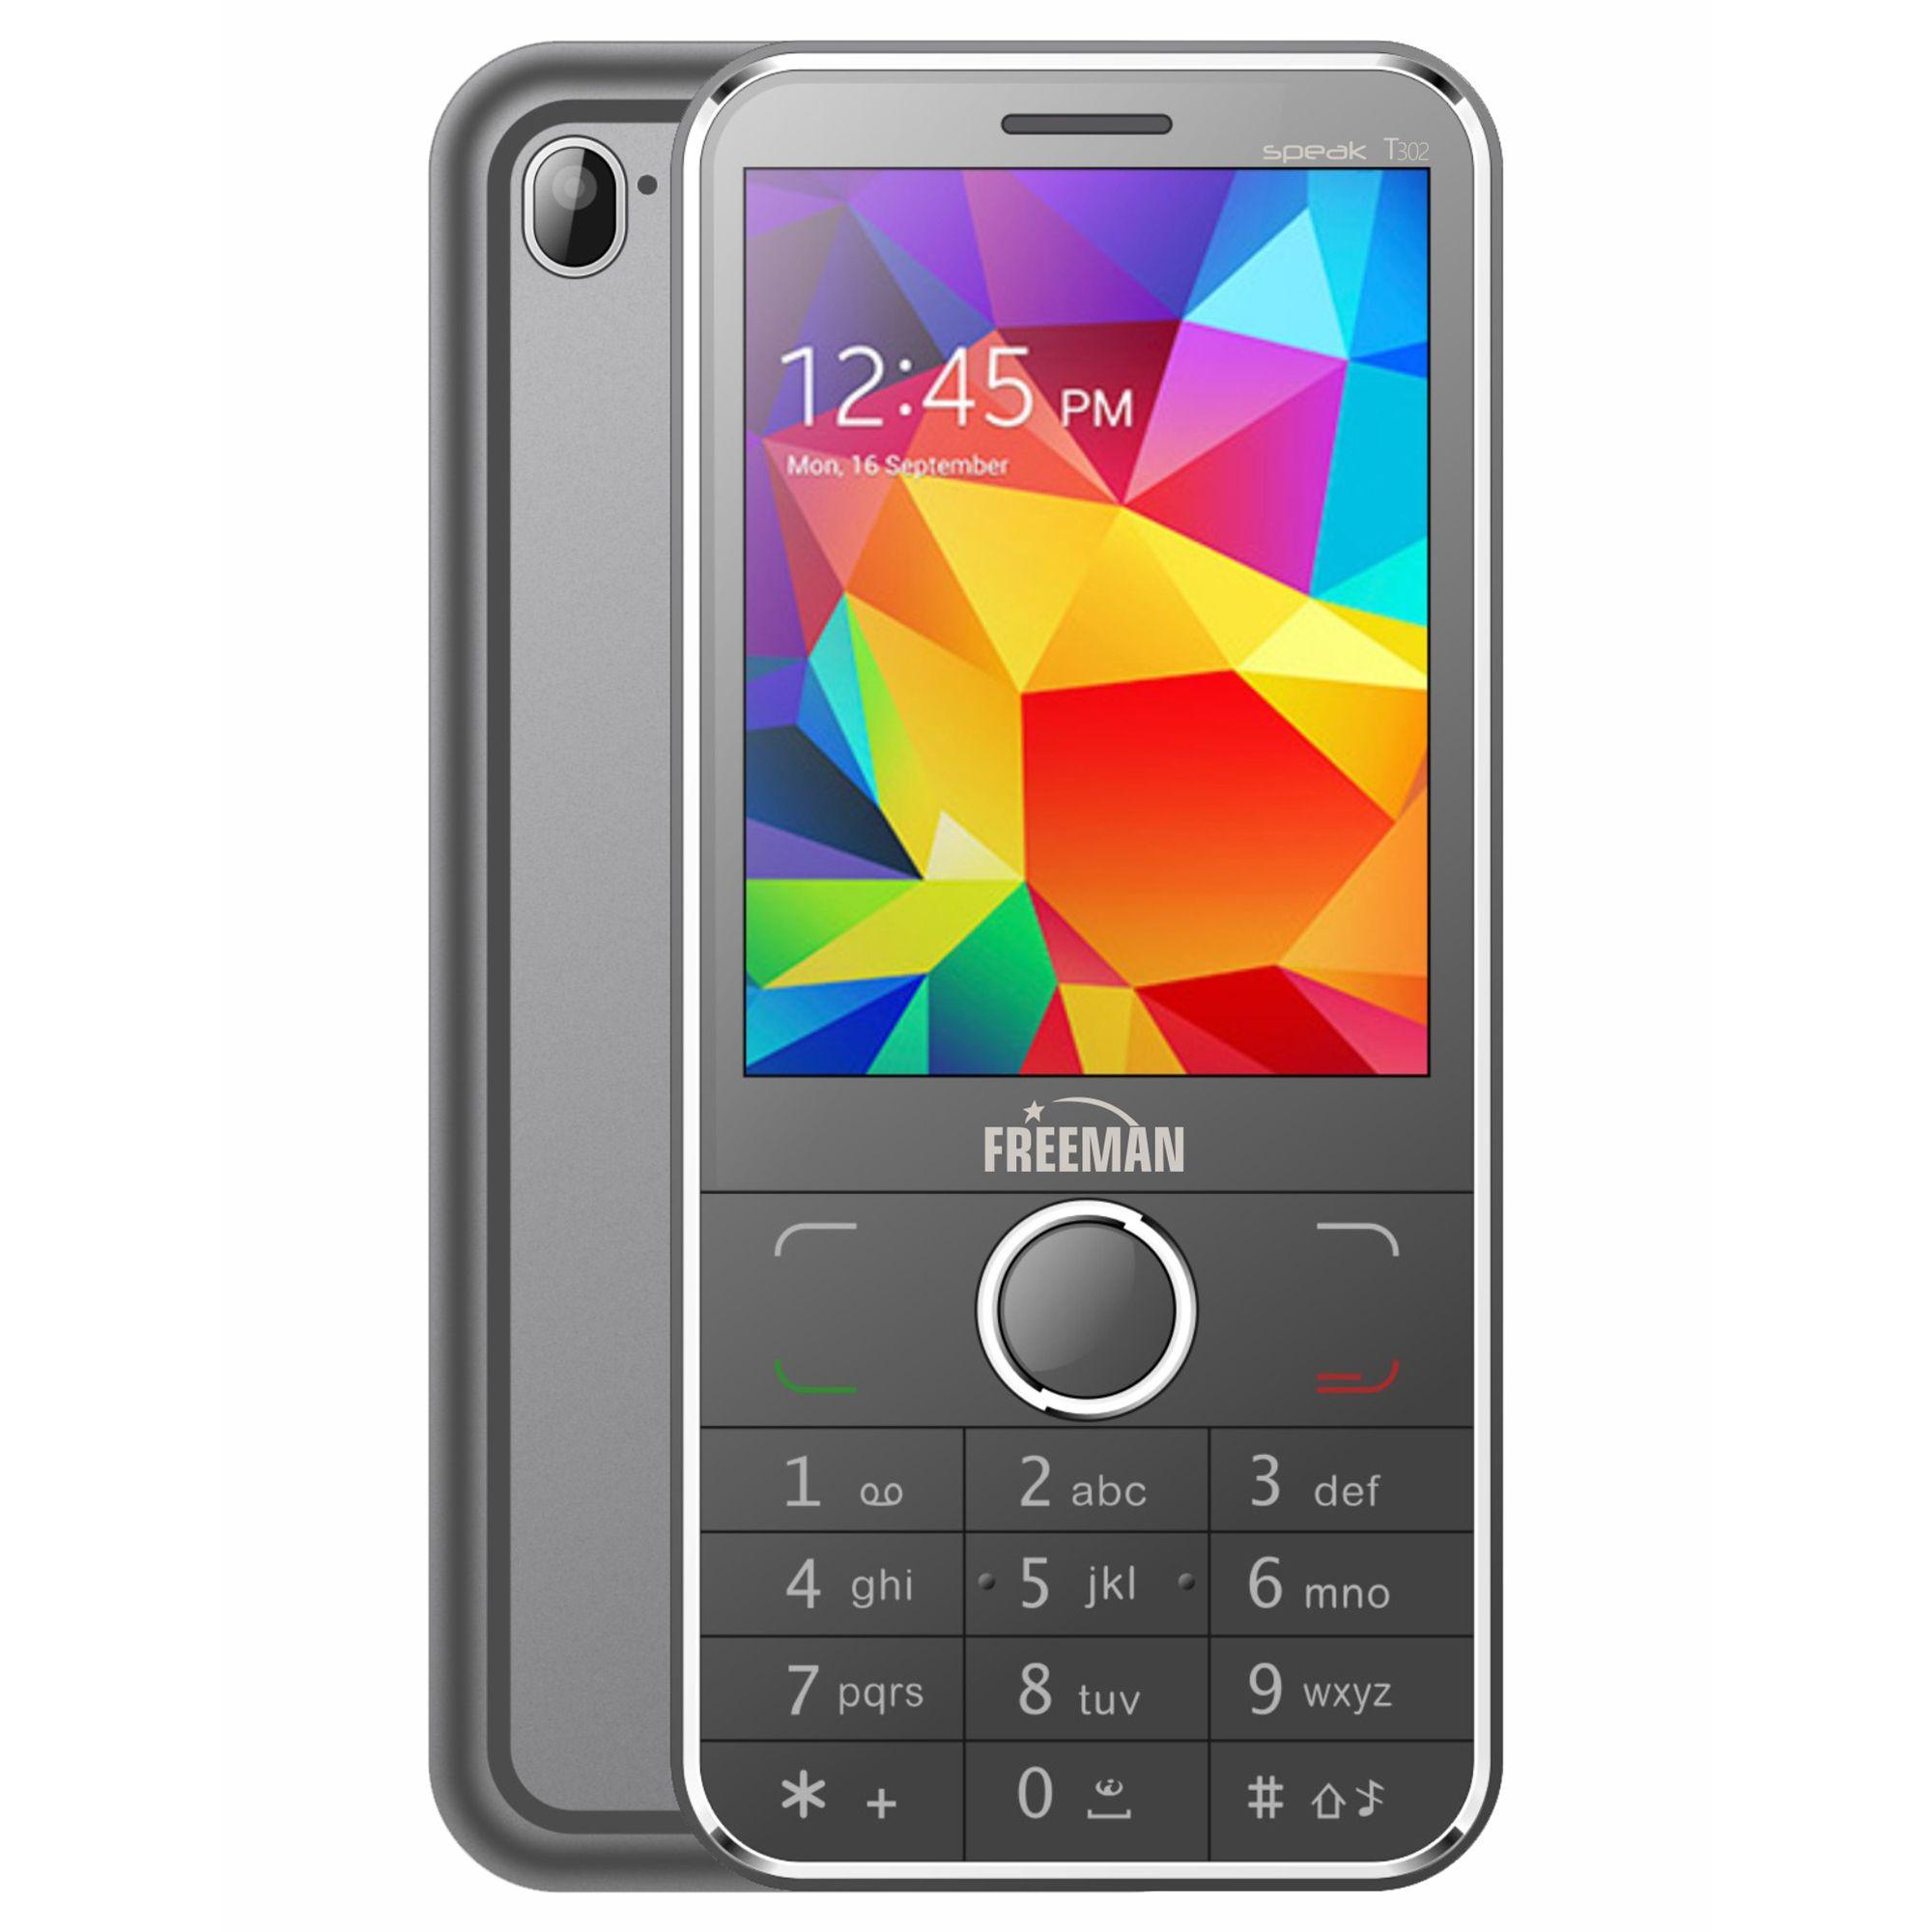 Telefon mobil E-Boda Freeman Speak T302 Dual SIM black + spinner